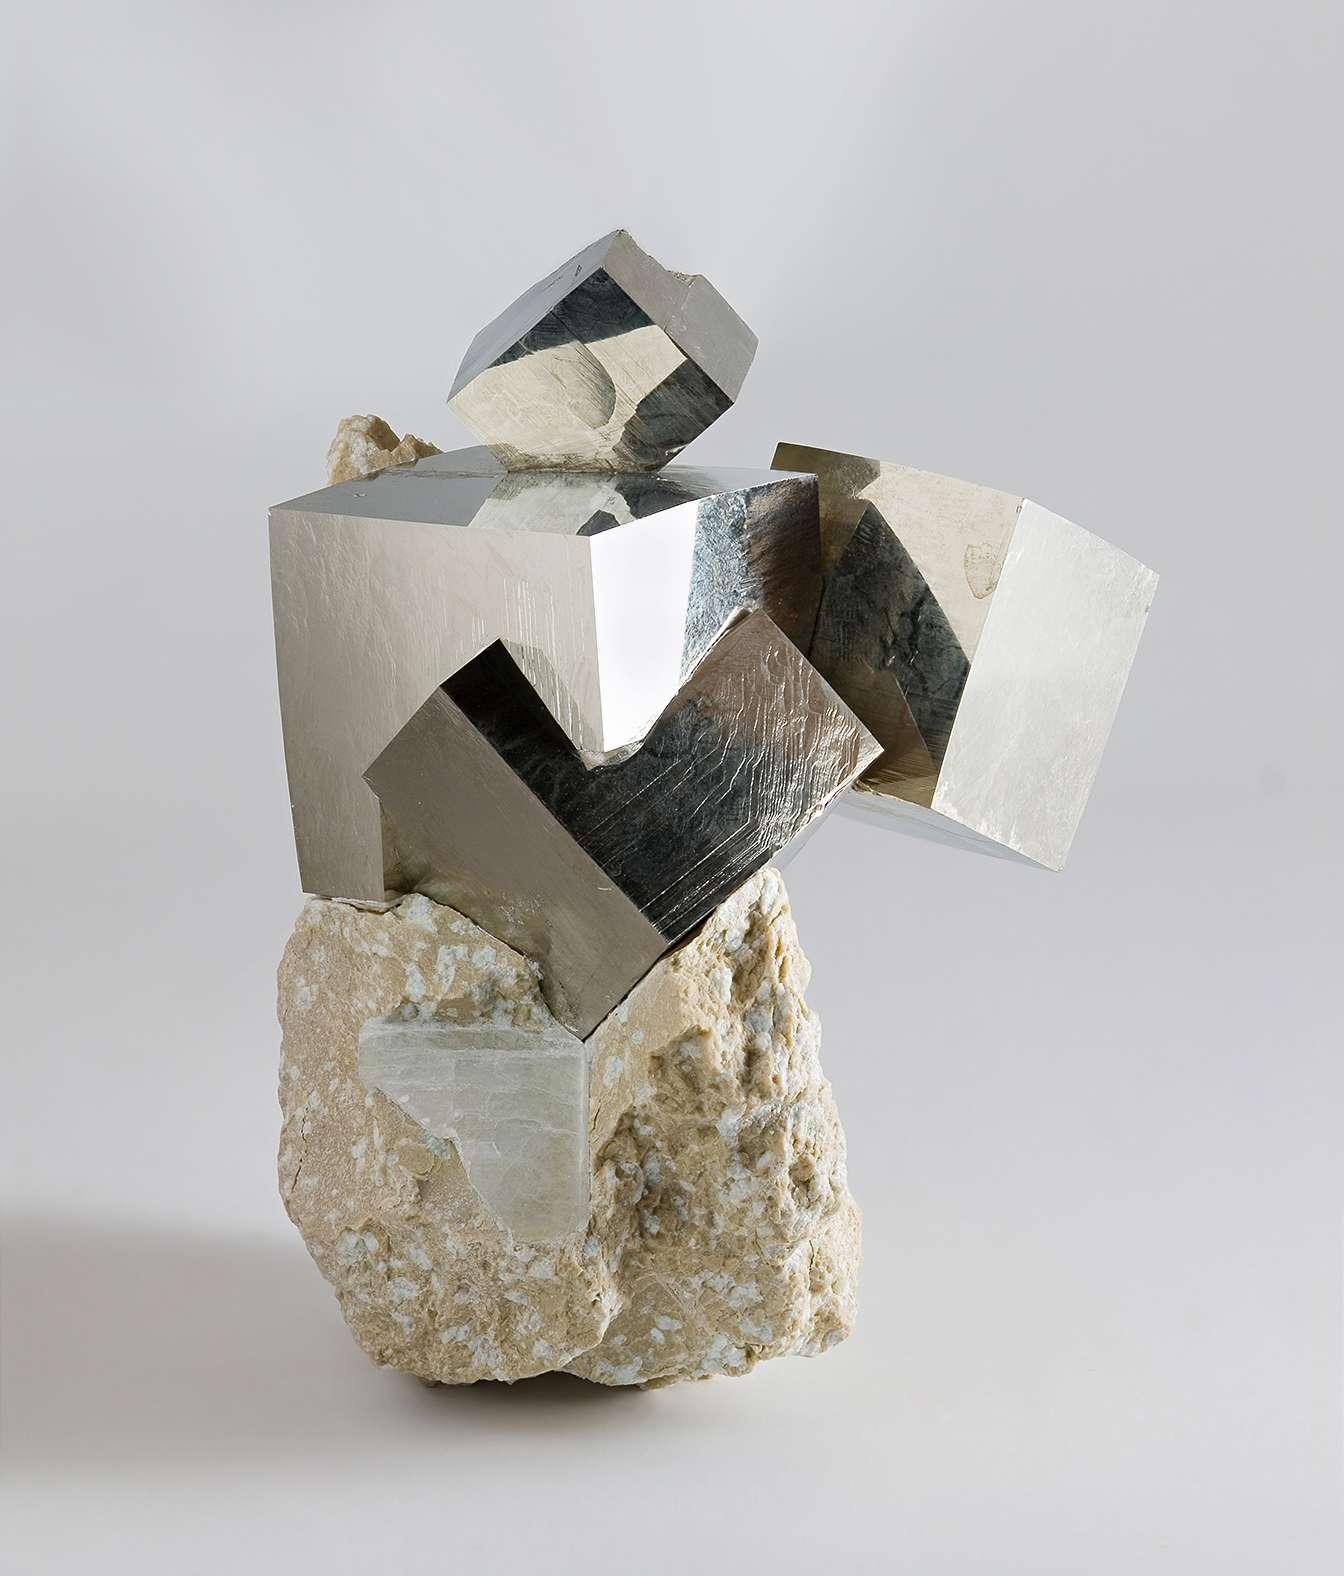 Cristaux de pyrite provenant de la mine Ampliación à Victoria de Navajún, dans la Rioja (Espagne). © J.-J. Harrison